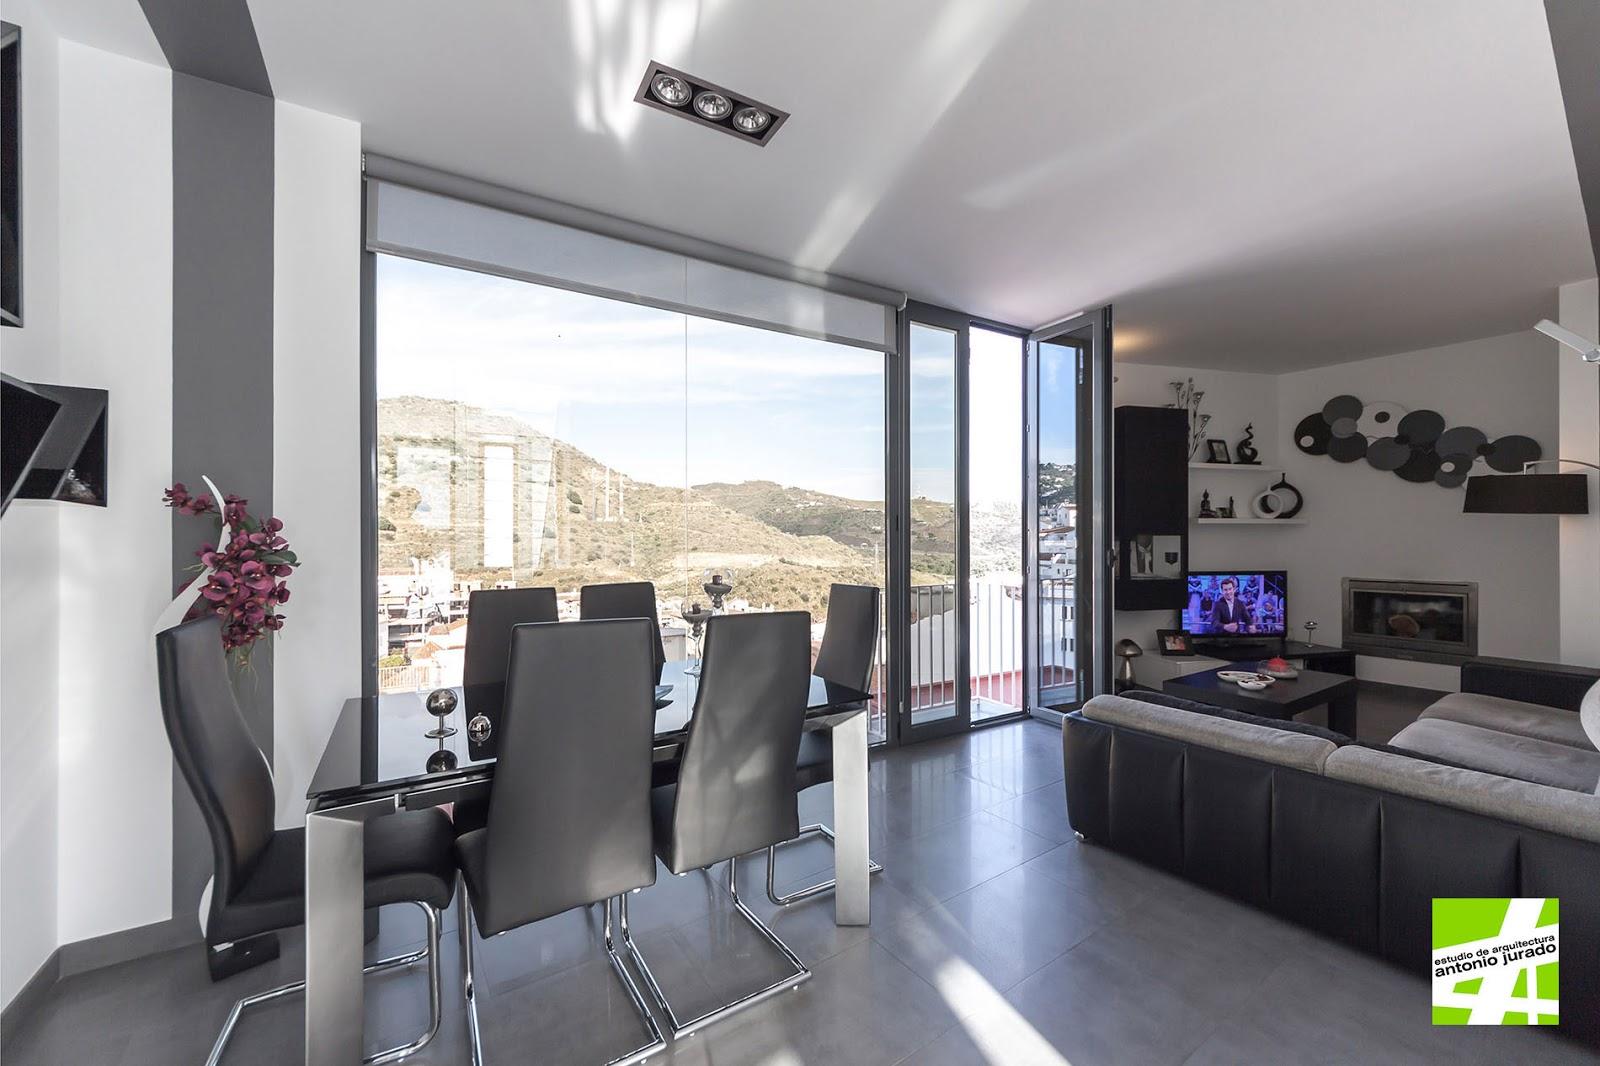 casa-tr-vivienda-unifamiliar-torrox-malaga-antonio-jurado-arquitecto-10